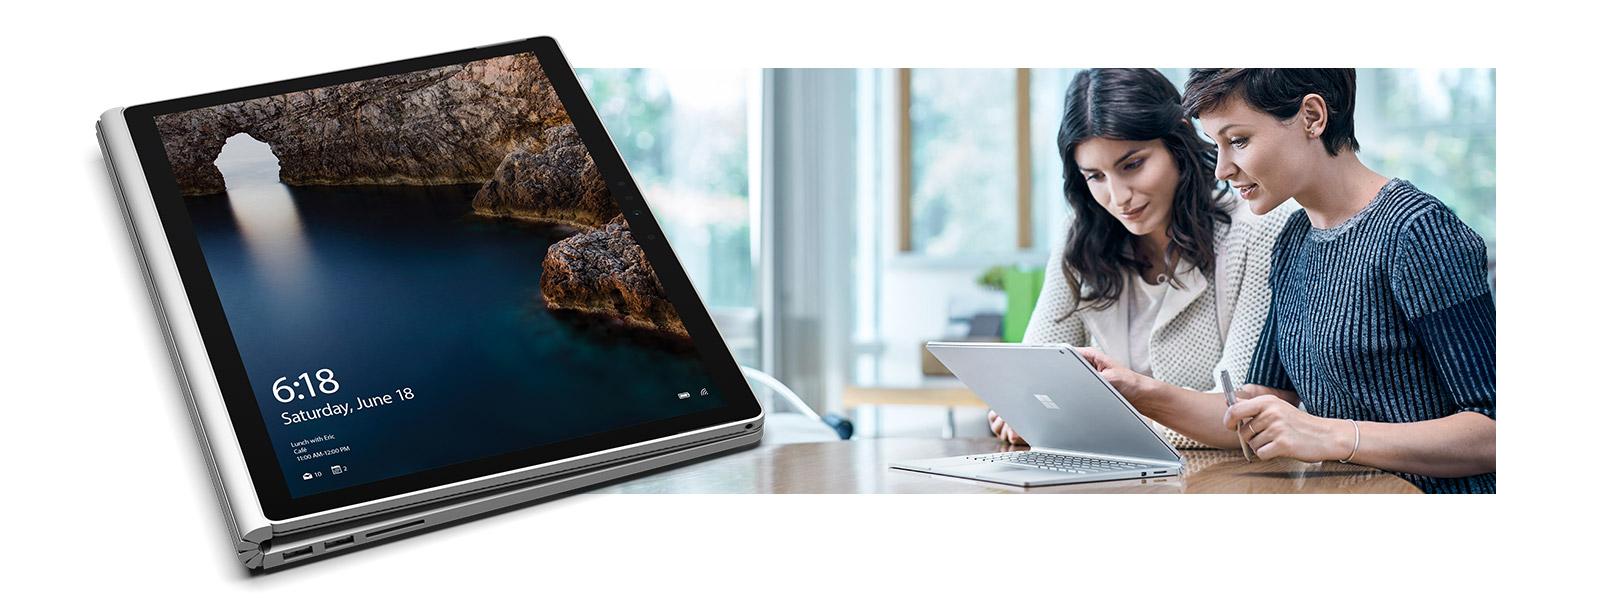 Surface Book i ritläge bredvid en bild av två kvinnor som arbetar med en Surface Book på ett skrivbord